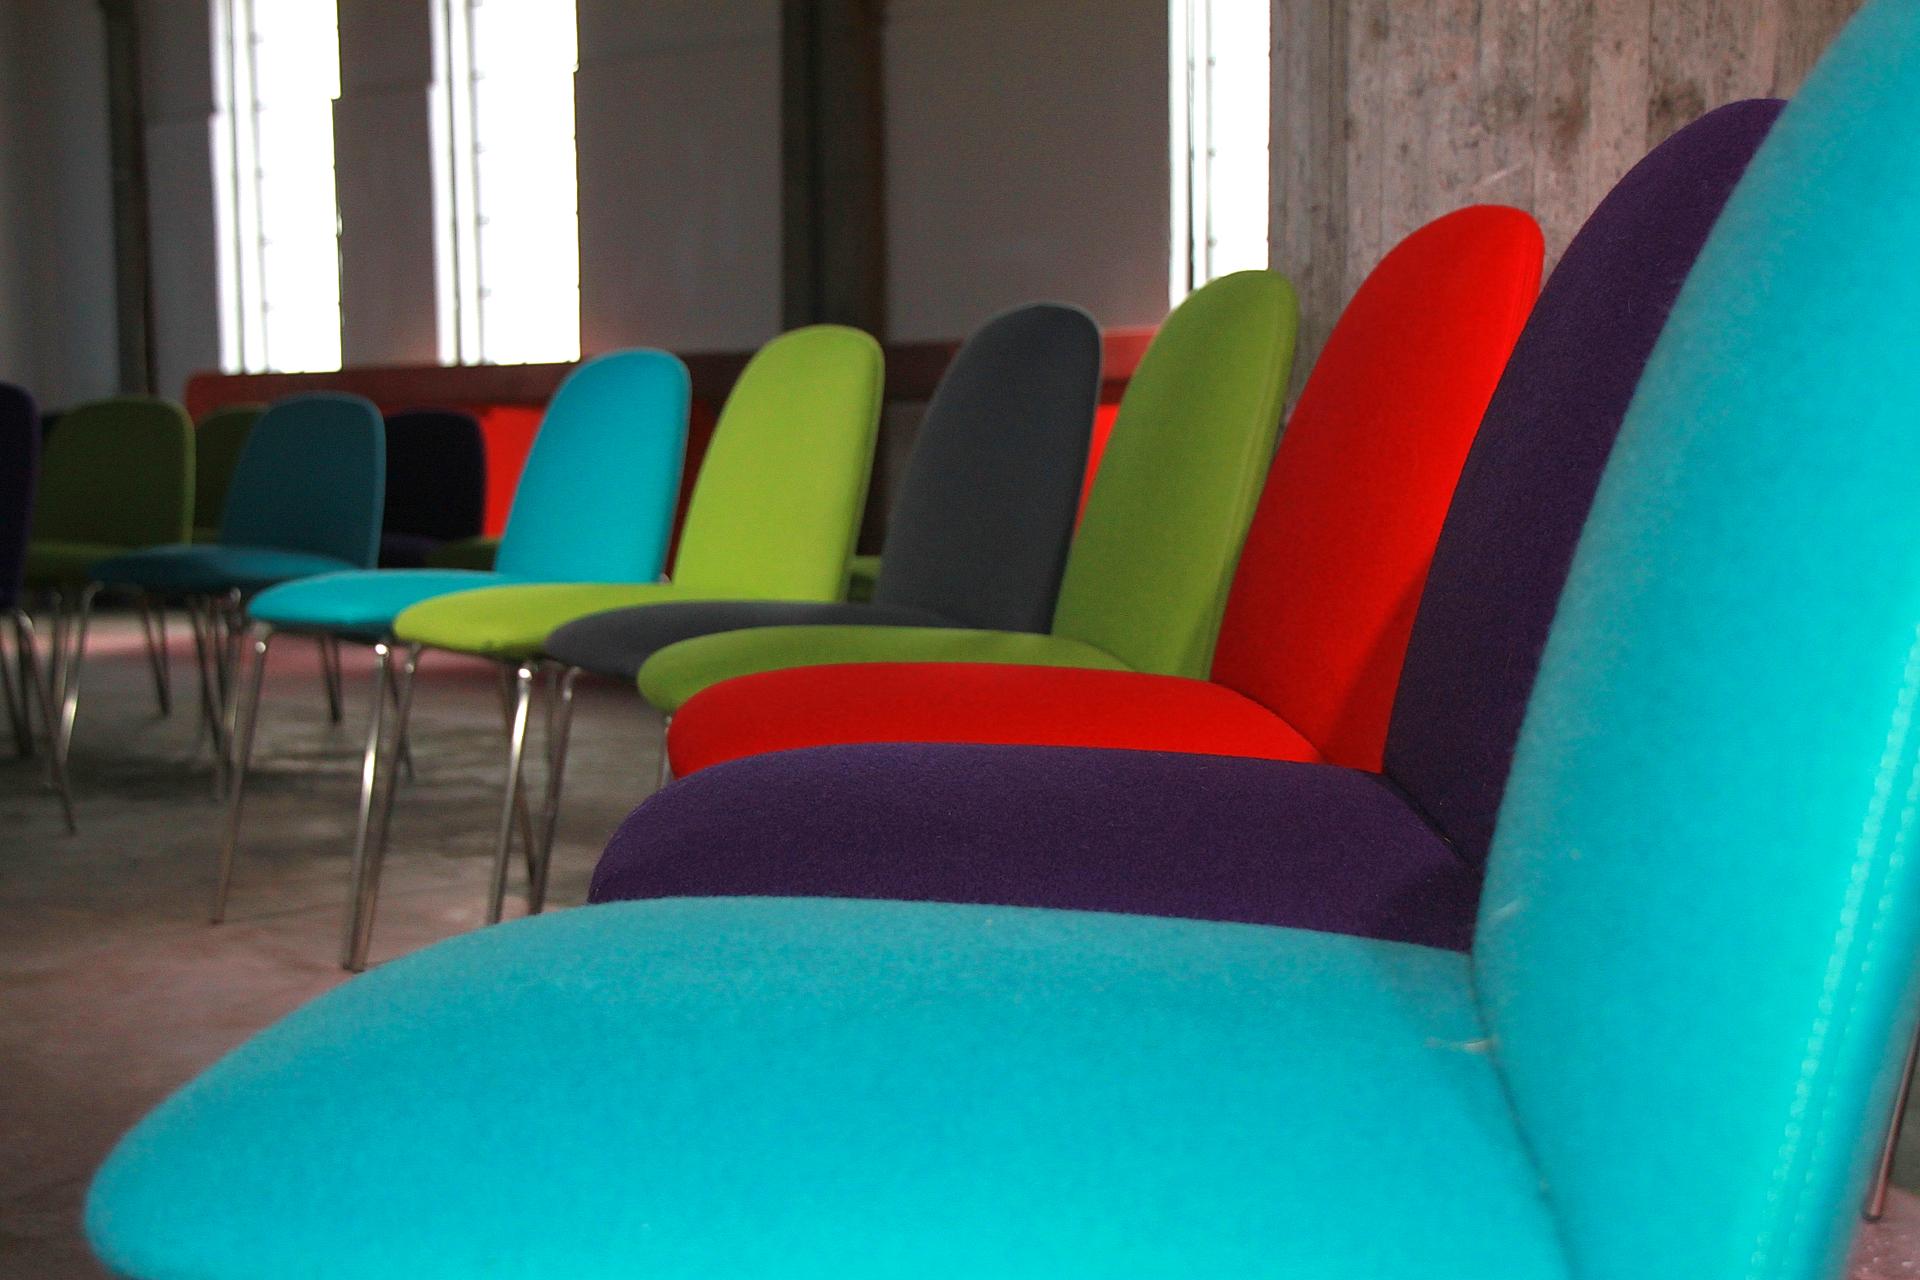 zakelijk, boterlokaal, kleur, stoelen, theater